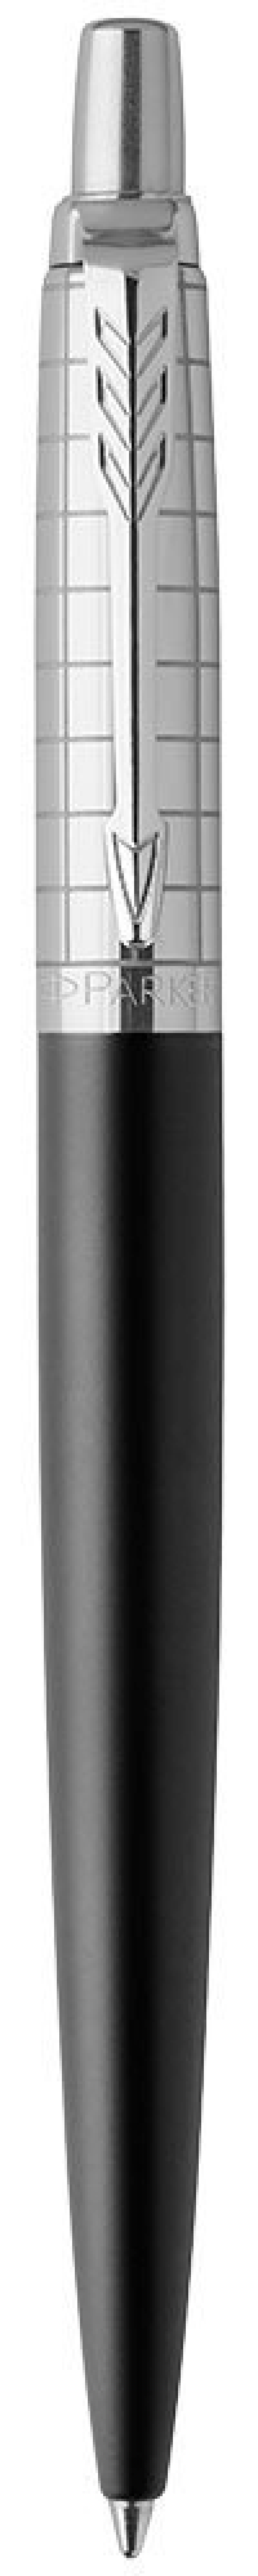 Шариковая ручка автоматическая Parker Jotter Premium K176 Bond Street синий M 1953195 шариковая ручка parker jotter цвет красный 1005109